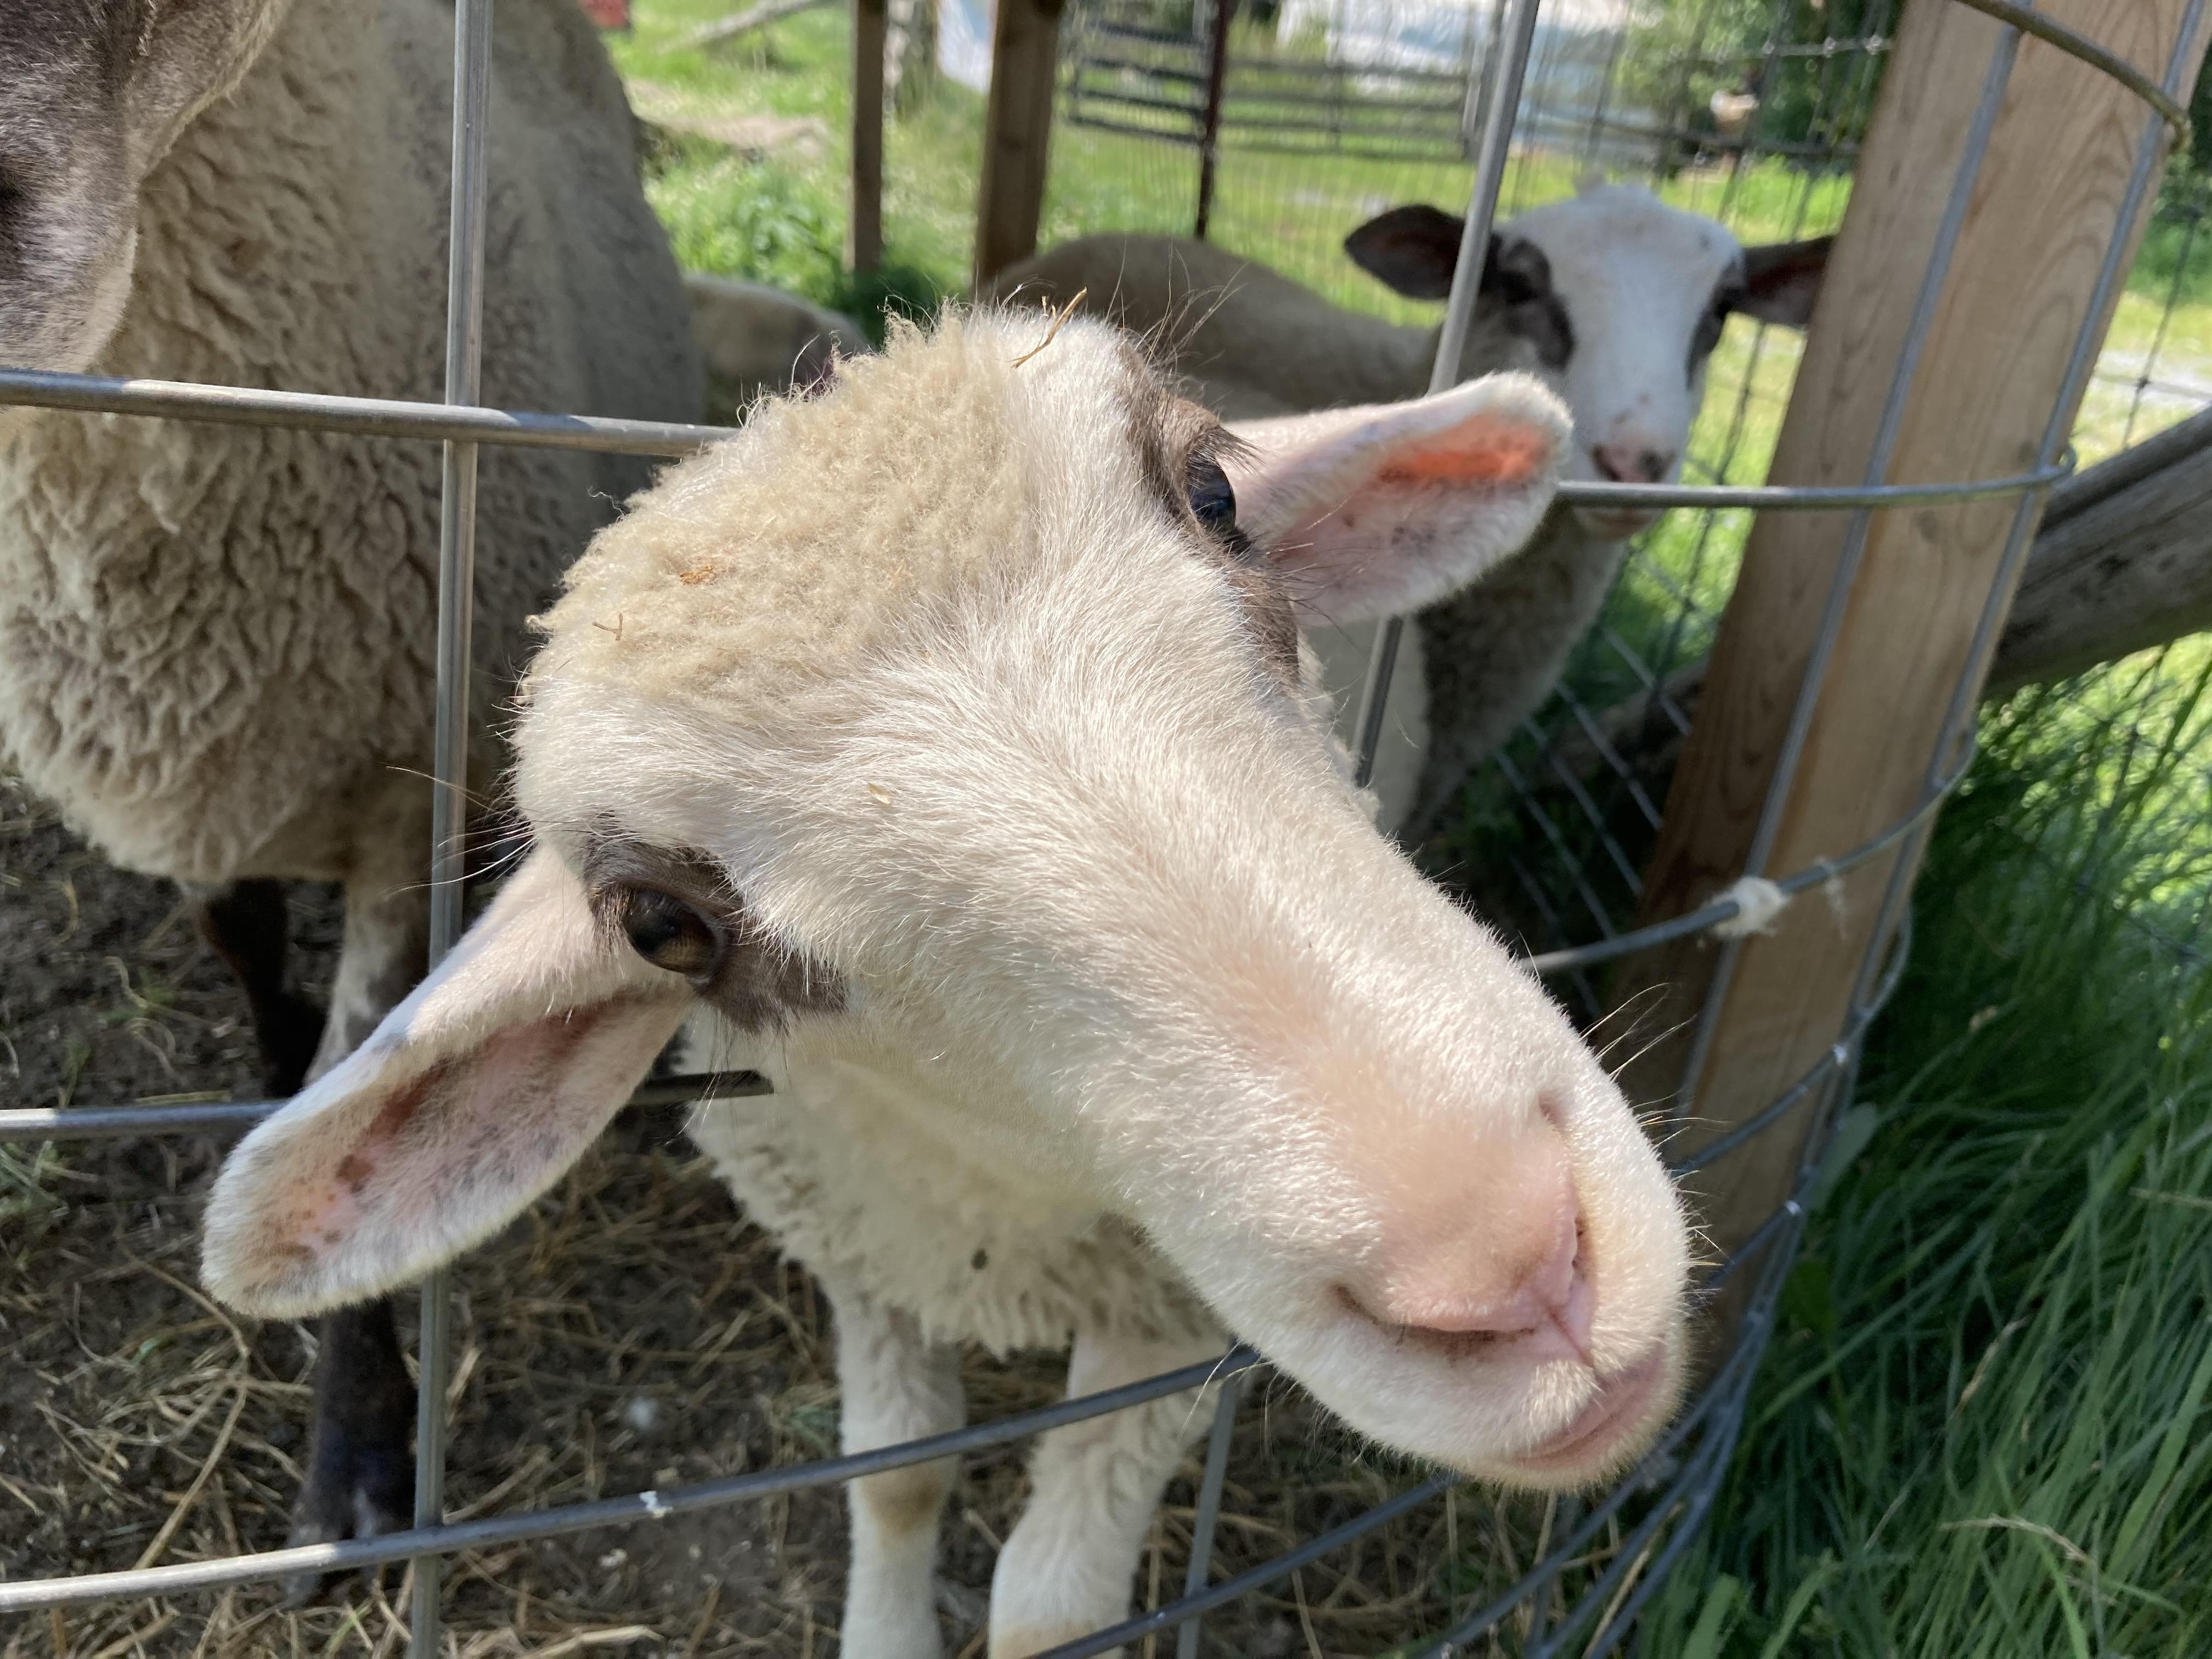 closeup of a sheep's face